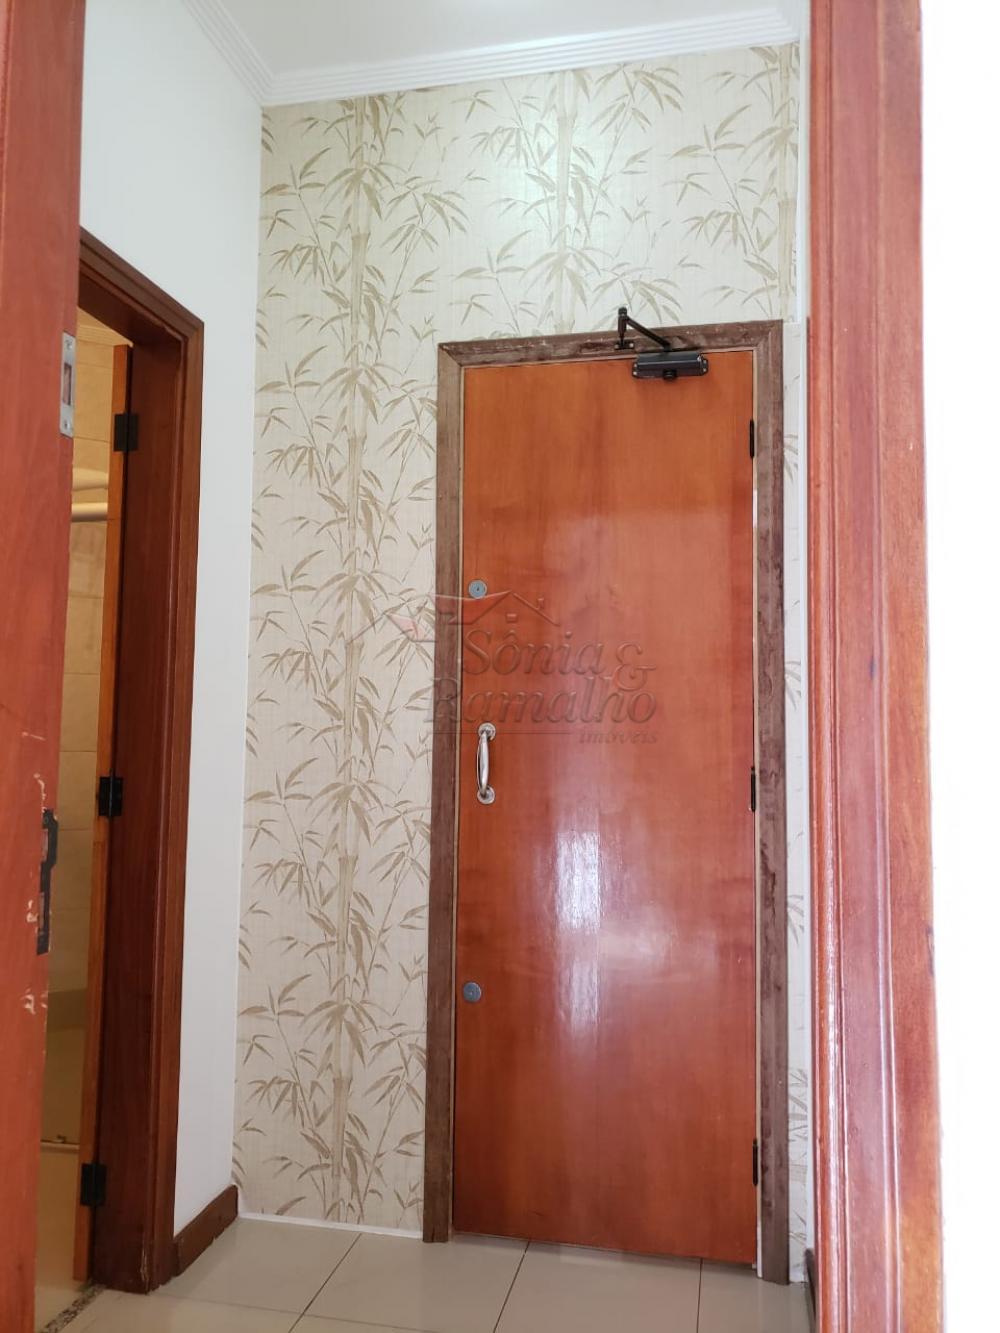 Comprar Casas / Padrão em Ribeirão Preto R$ 580.000,00 - Foto 10